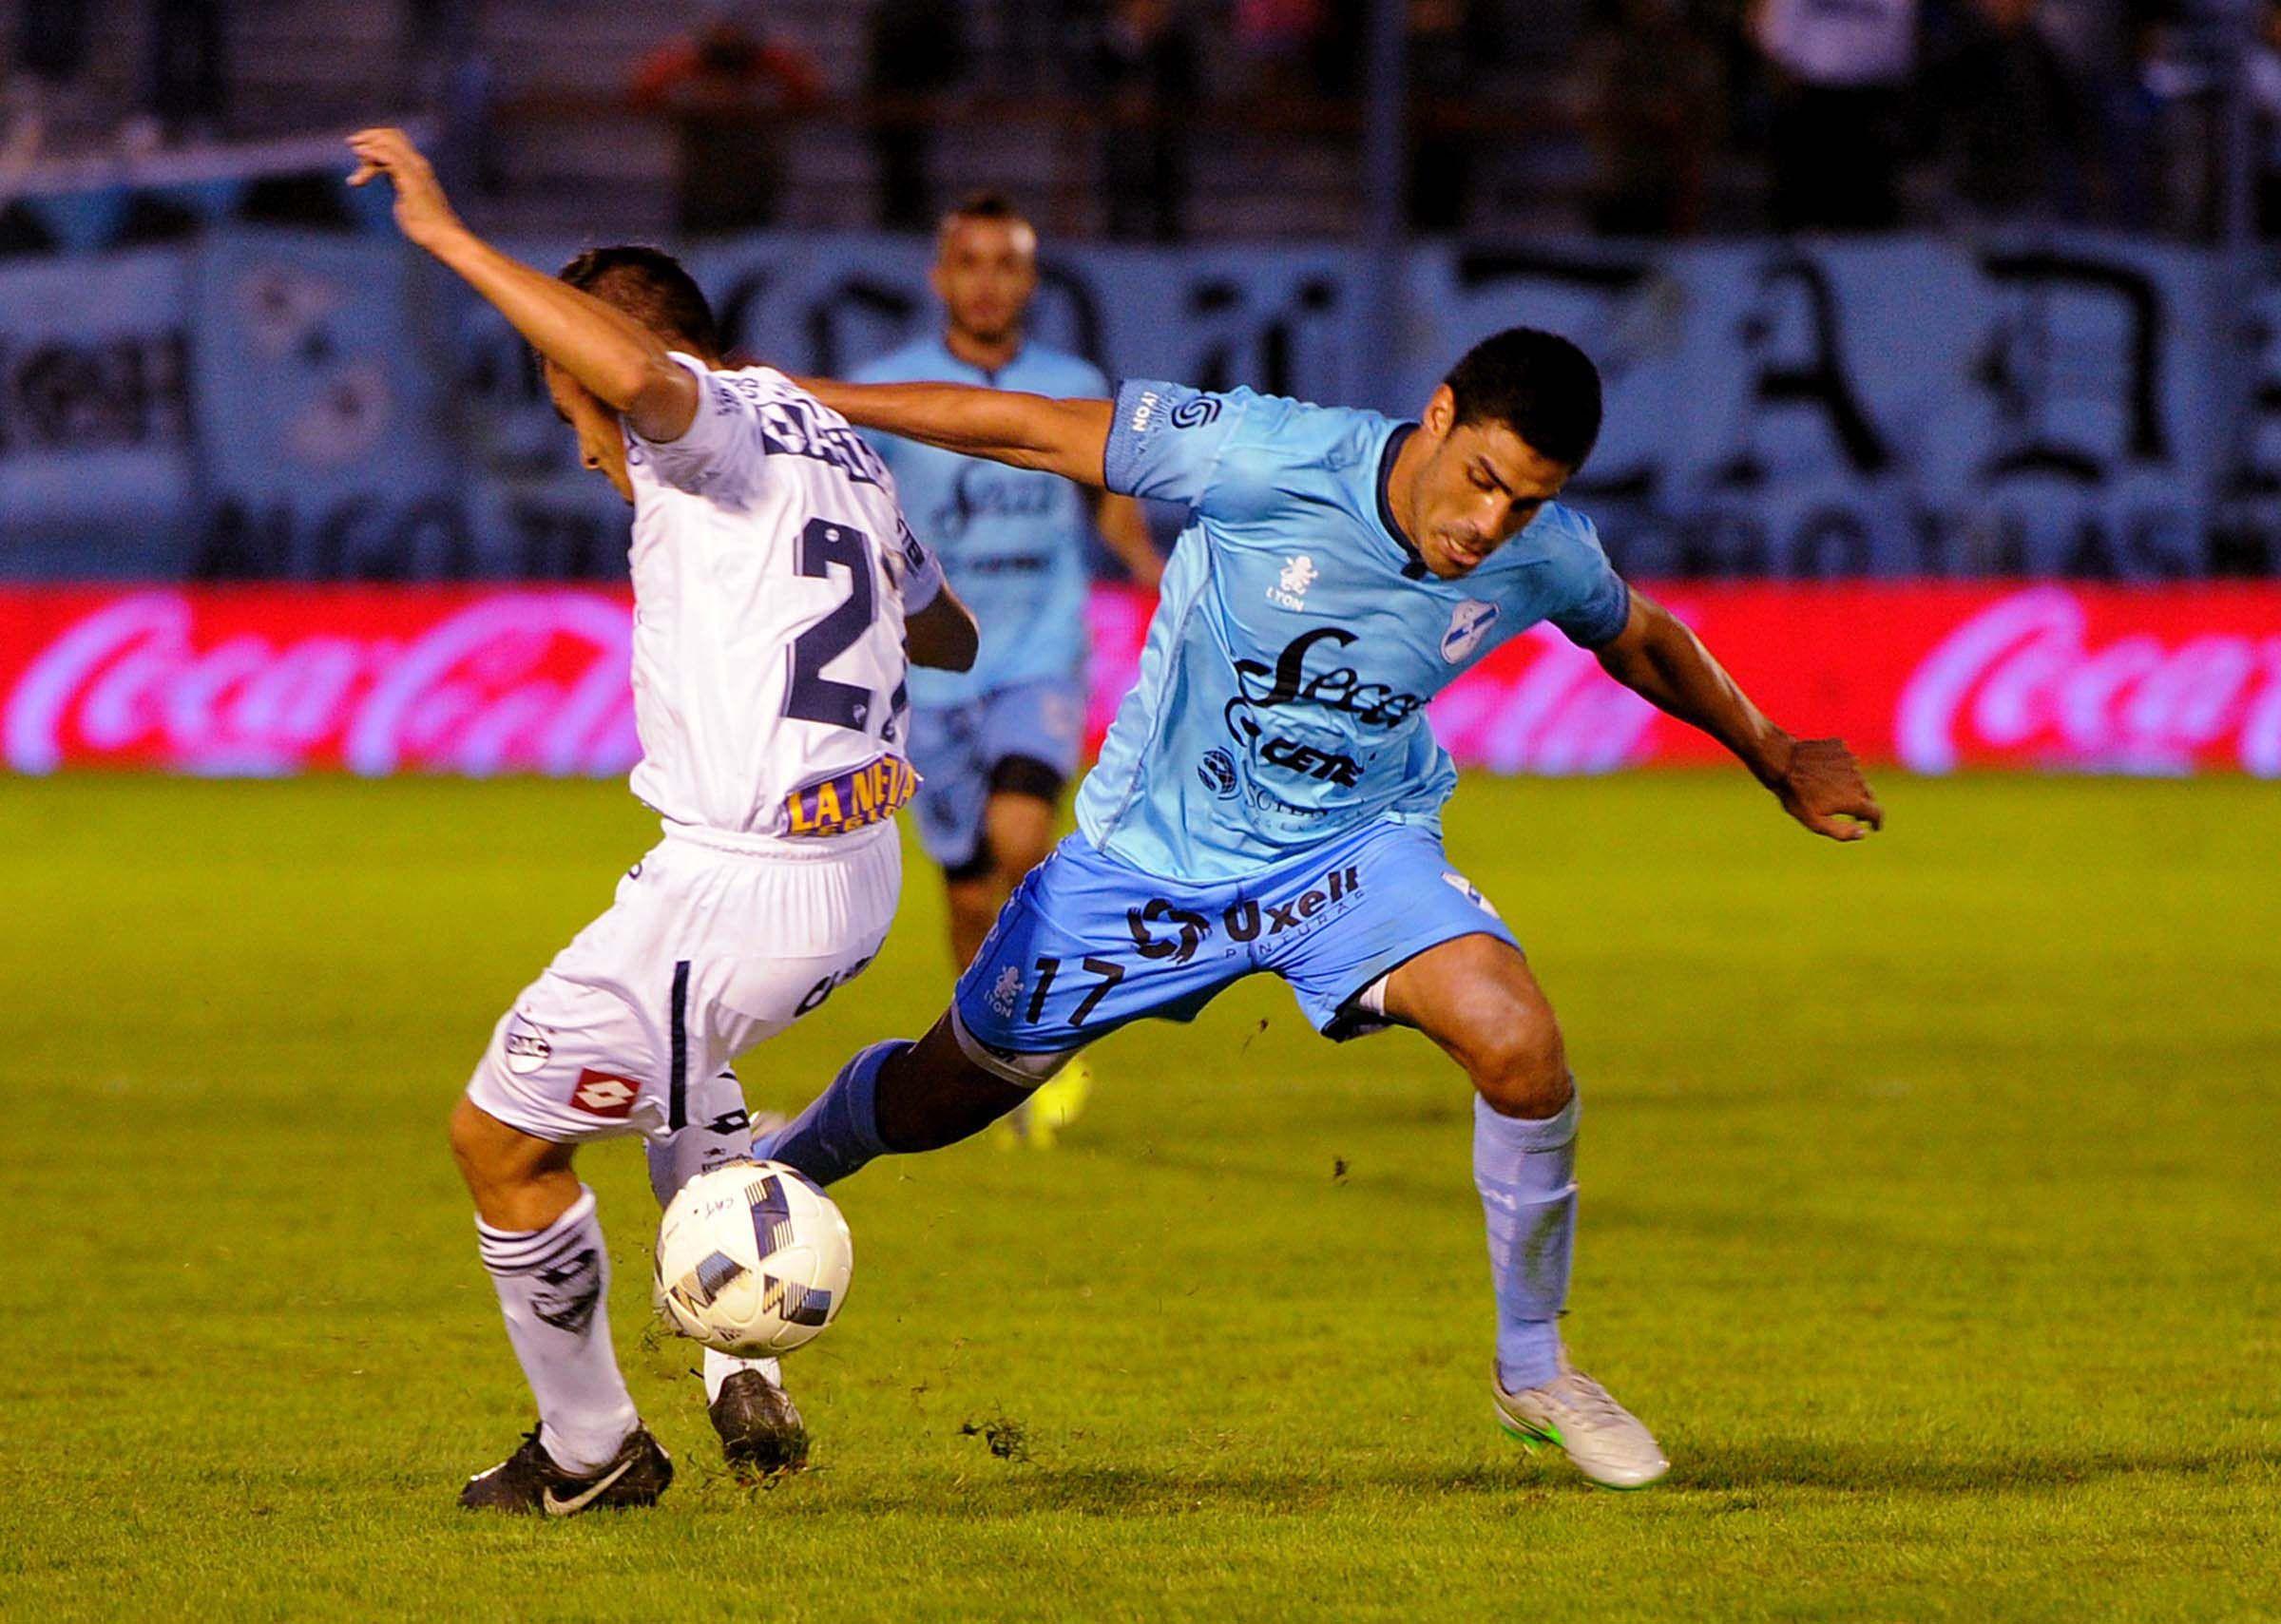 Temperley venció a Quilmes y se alejó del descenso